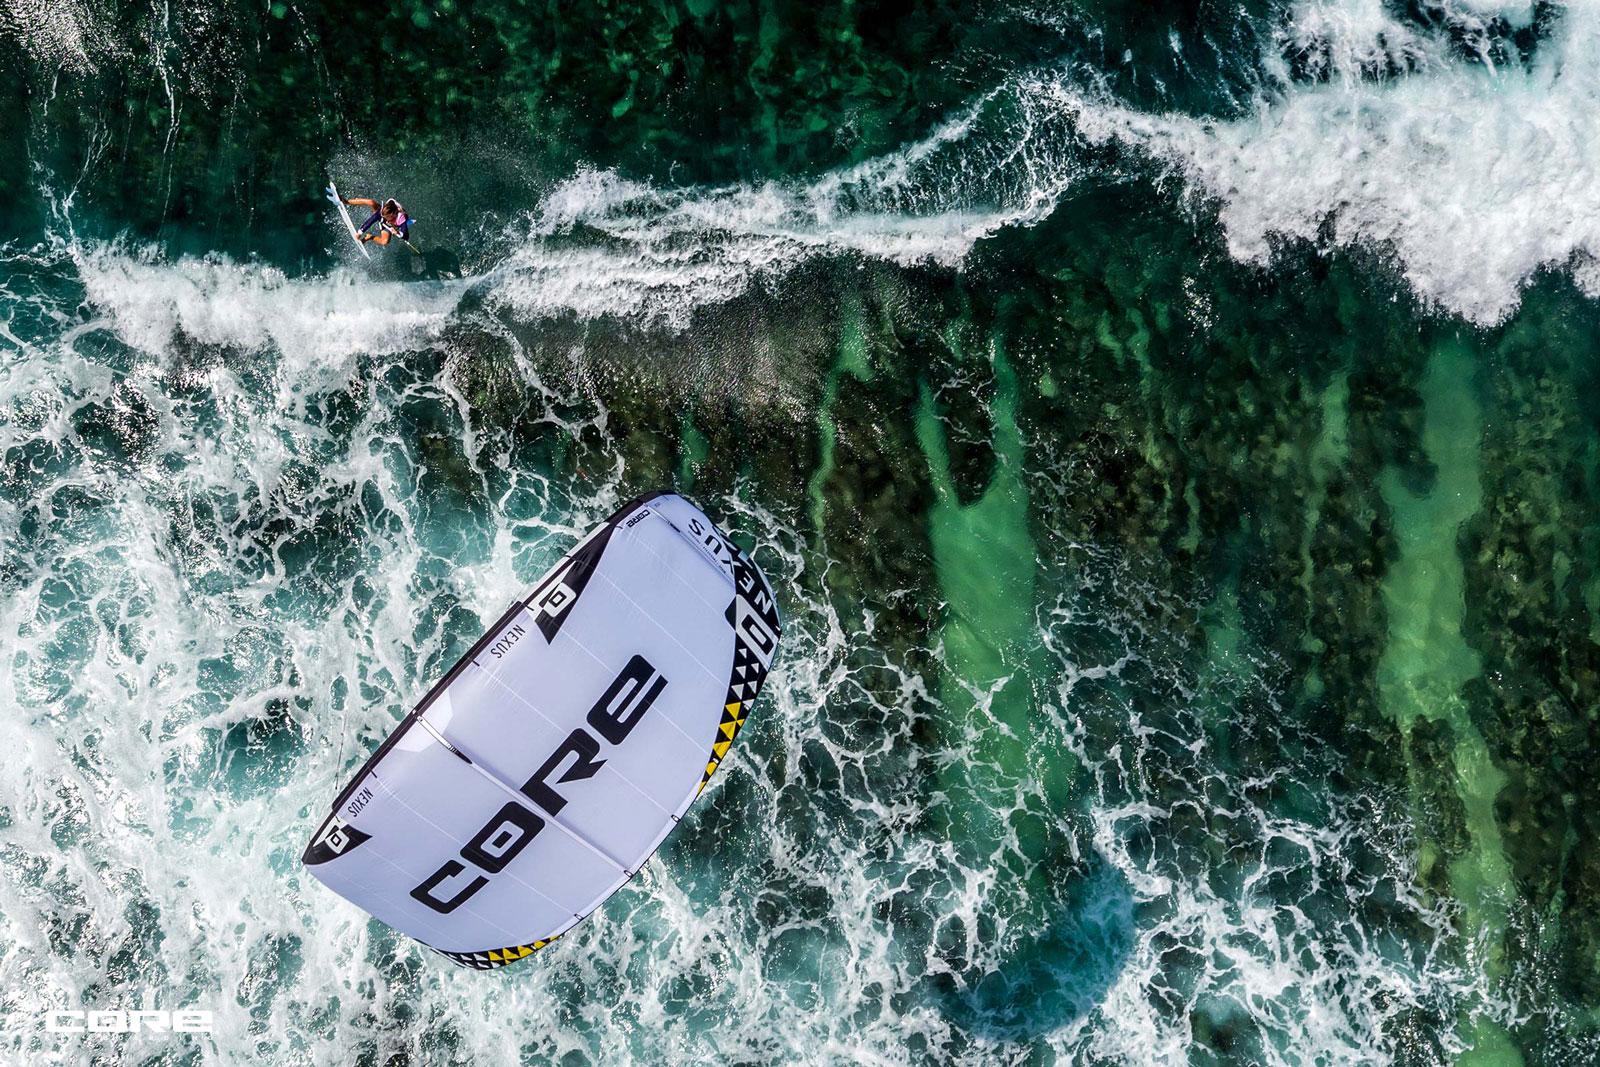 Tahe_Outdoors_Watersport_Brands_CORE_Kiteboarding_DJI_0128-2.jpg